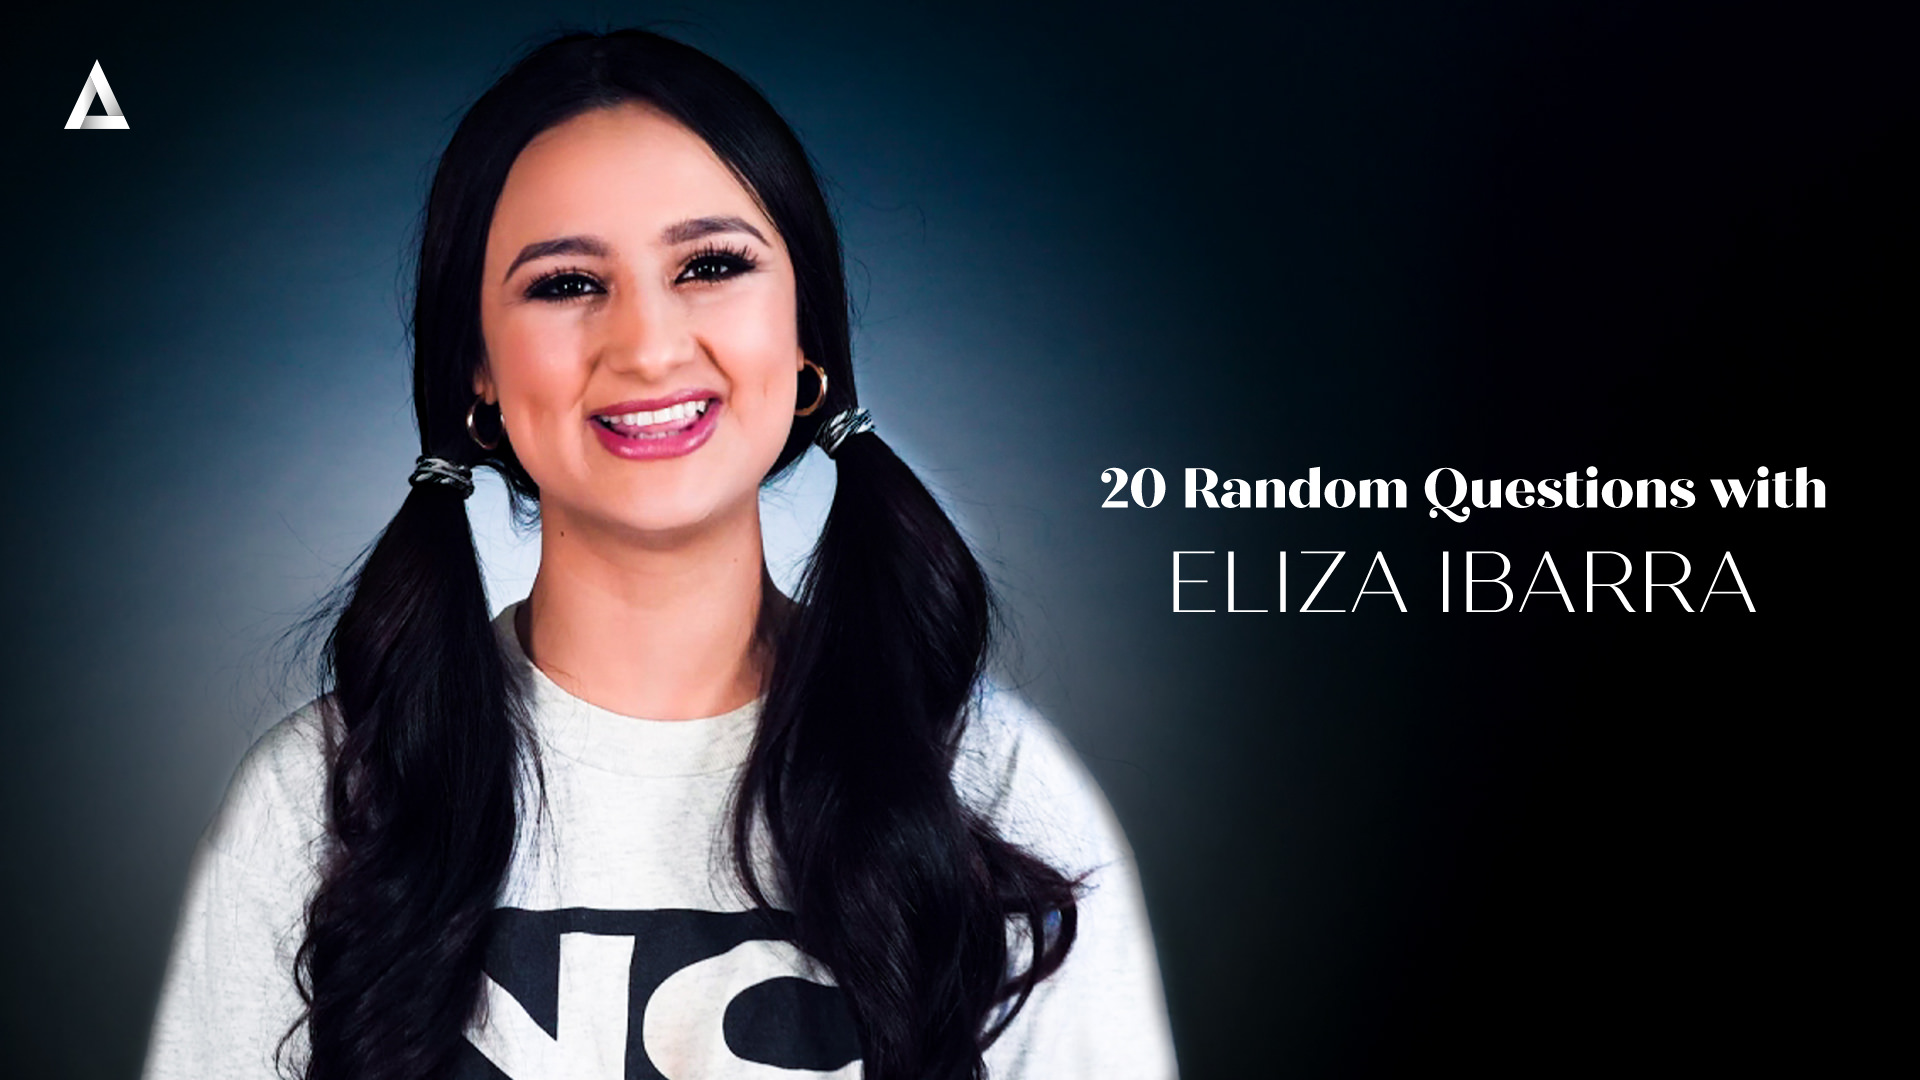 20 Random Questions with Eliza Ibarra - Eliza Ibarra 1